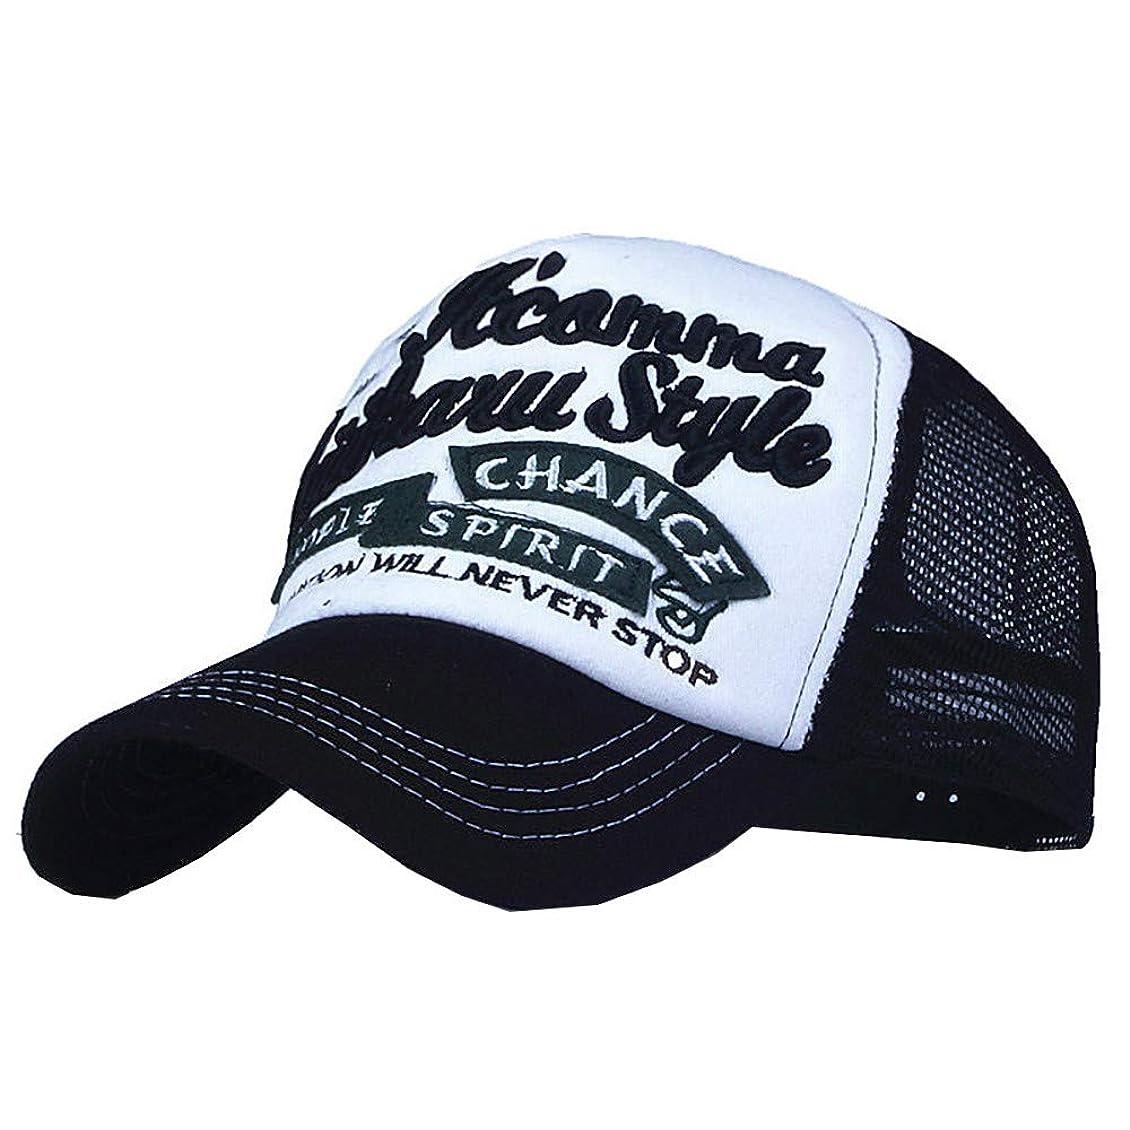 早いポーンフェードRacazing パッチワーク 野球帽 ヒップホップ メンズ 夏 登山 帽子メッシュ 可調整可能 プラスベルベット 棒球帽 UV 帽子 軽量 屋外 Unisex 鸭舌帽 Hat Cap